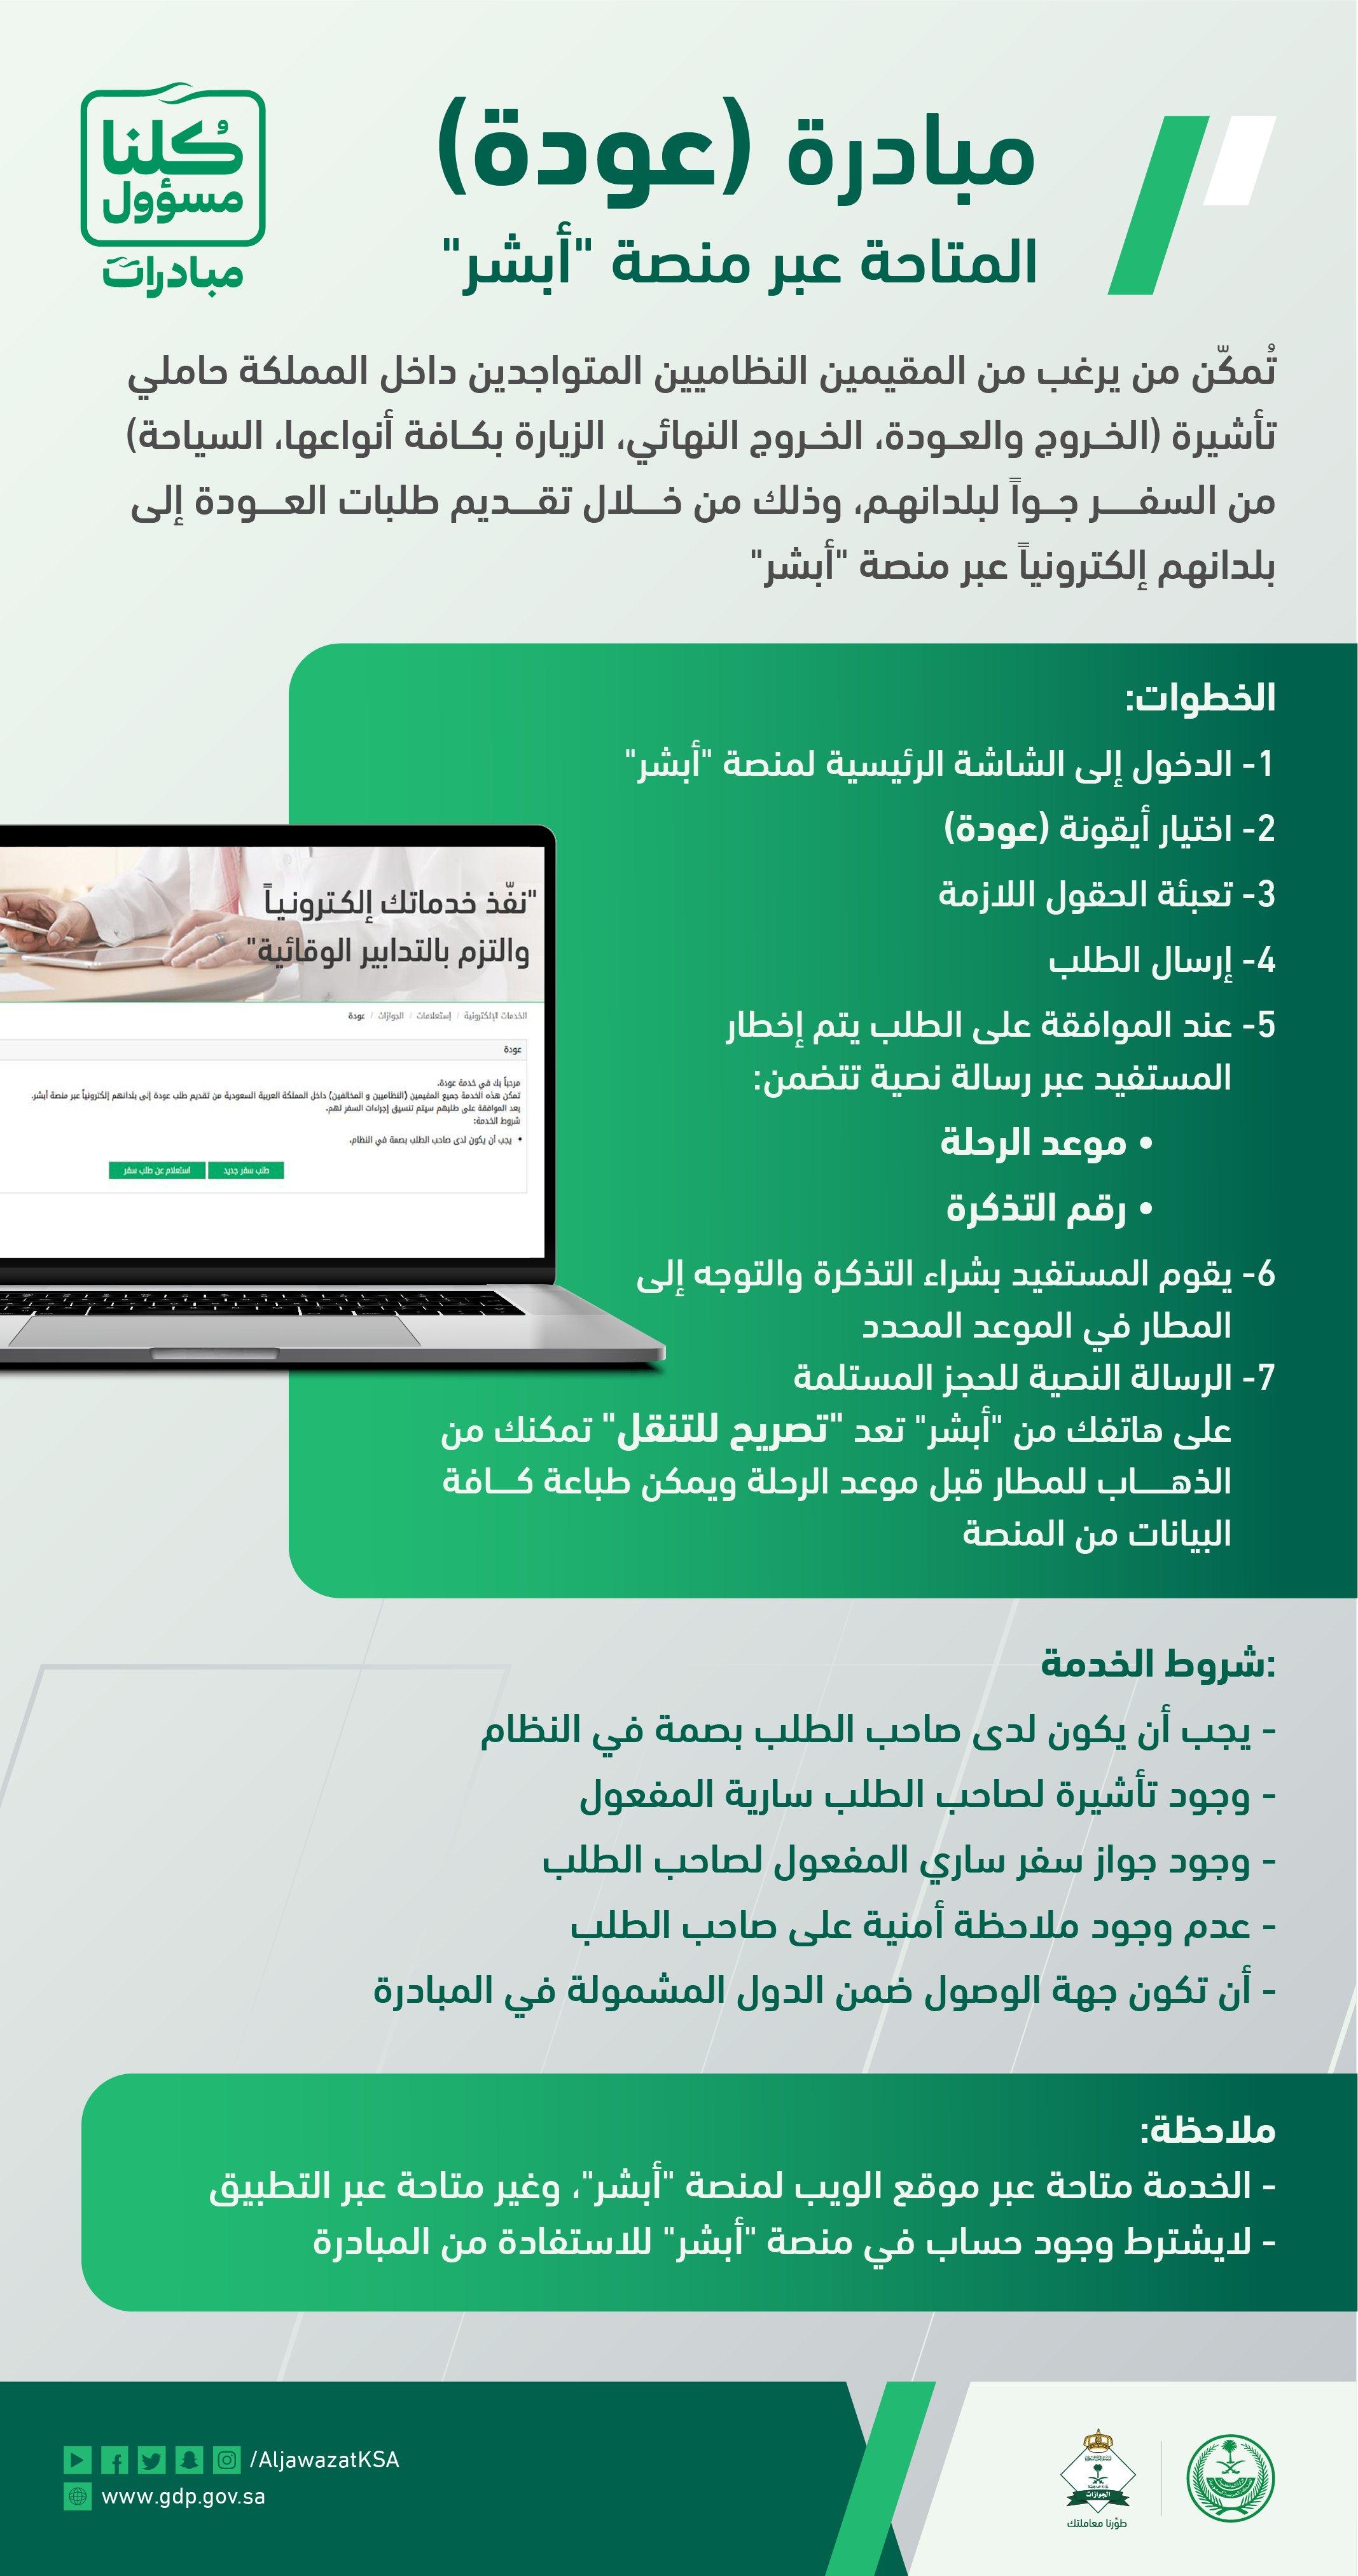 الجوازات السعودية توضح شروط تسجيل الوافدين للعودة لبلدانهم معلومات مباشر